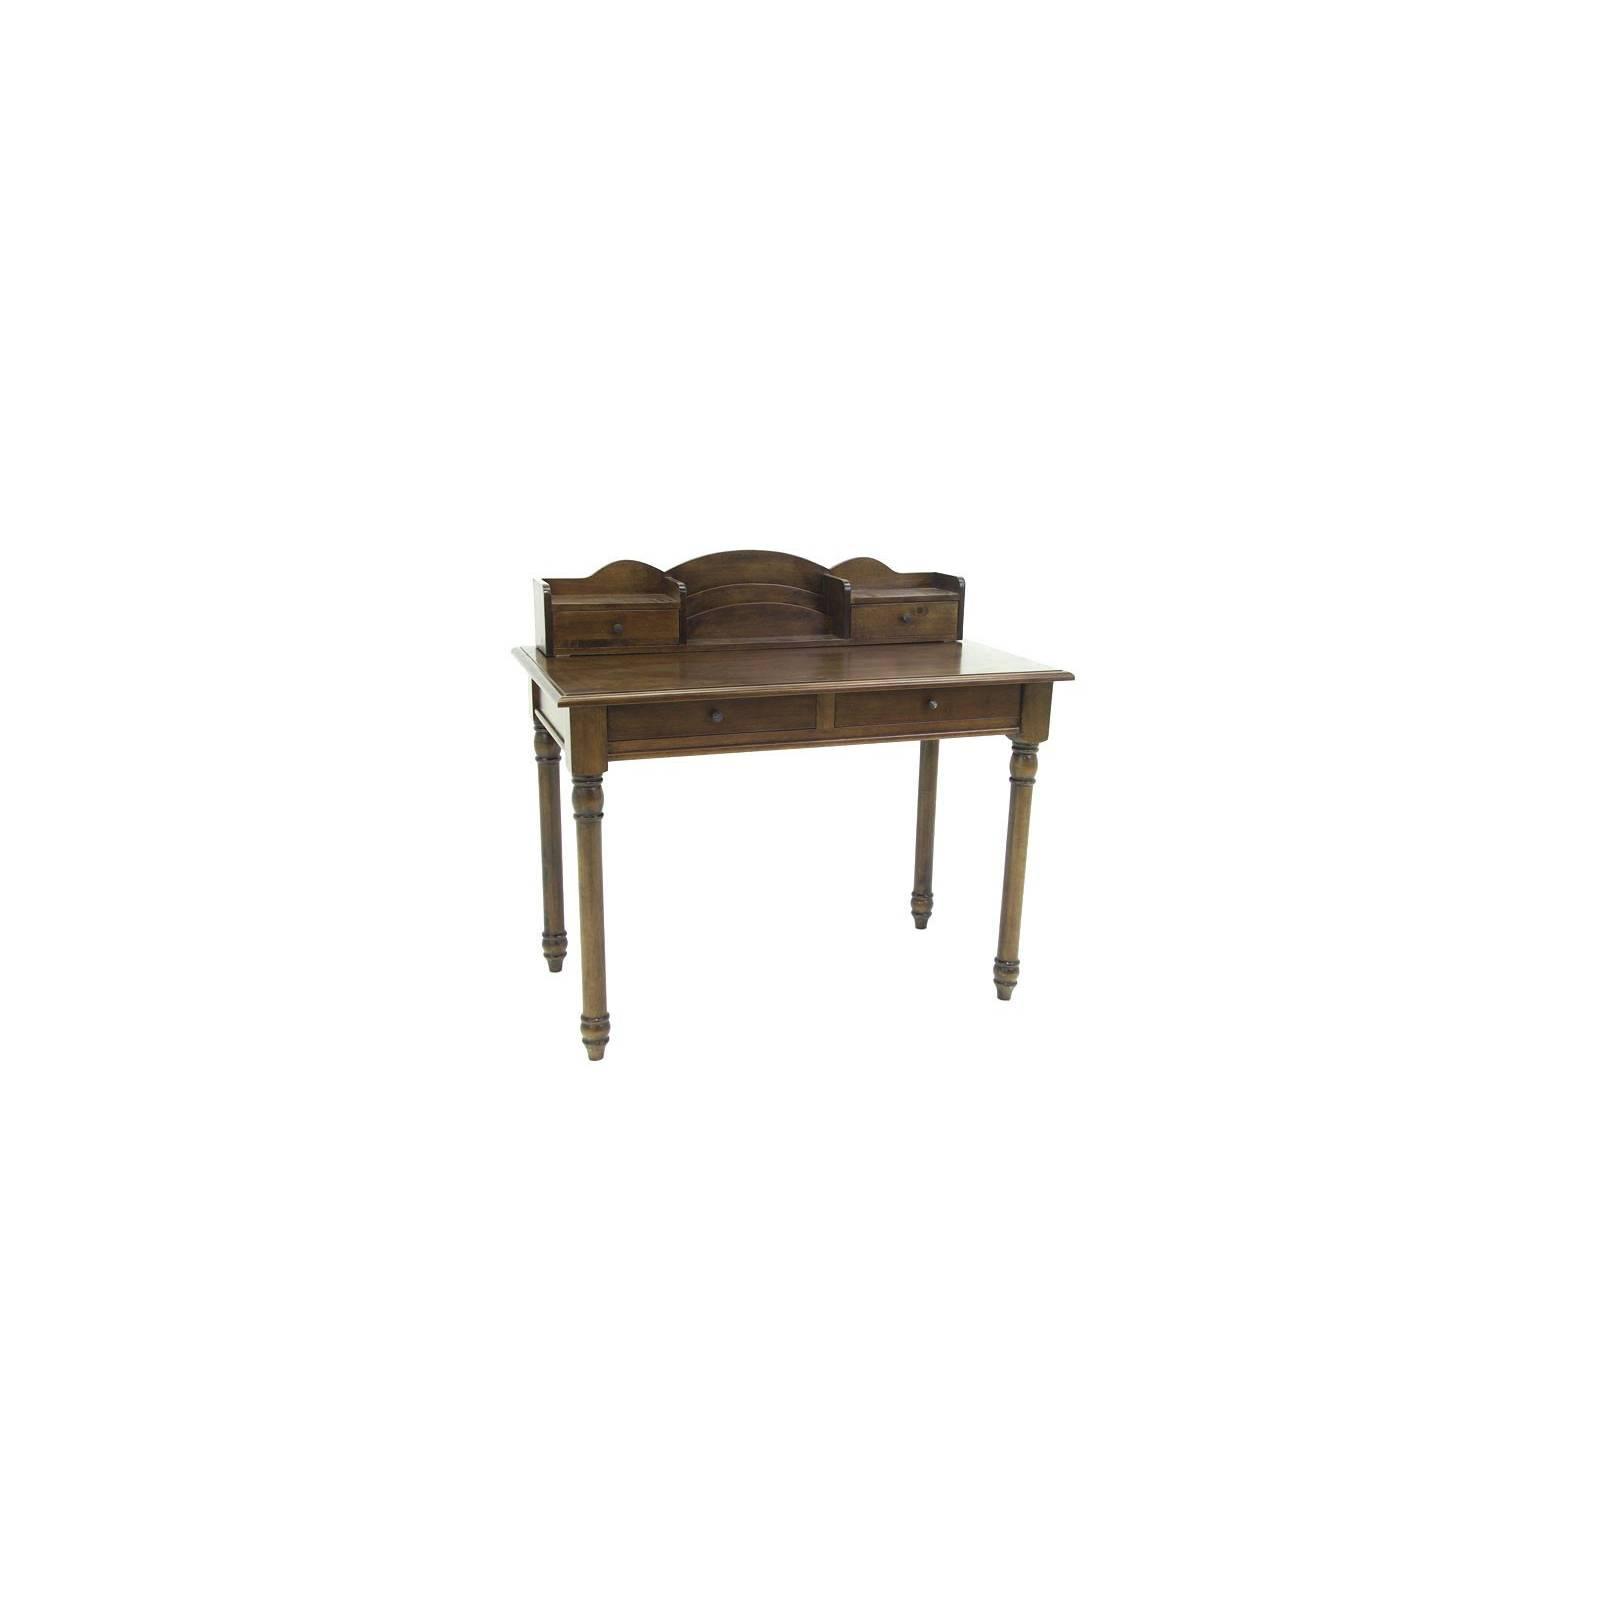 Secrétaire Belle Epoque Hévéa - meuble style classique